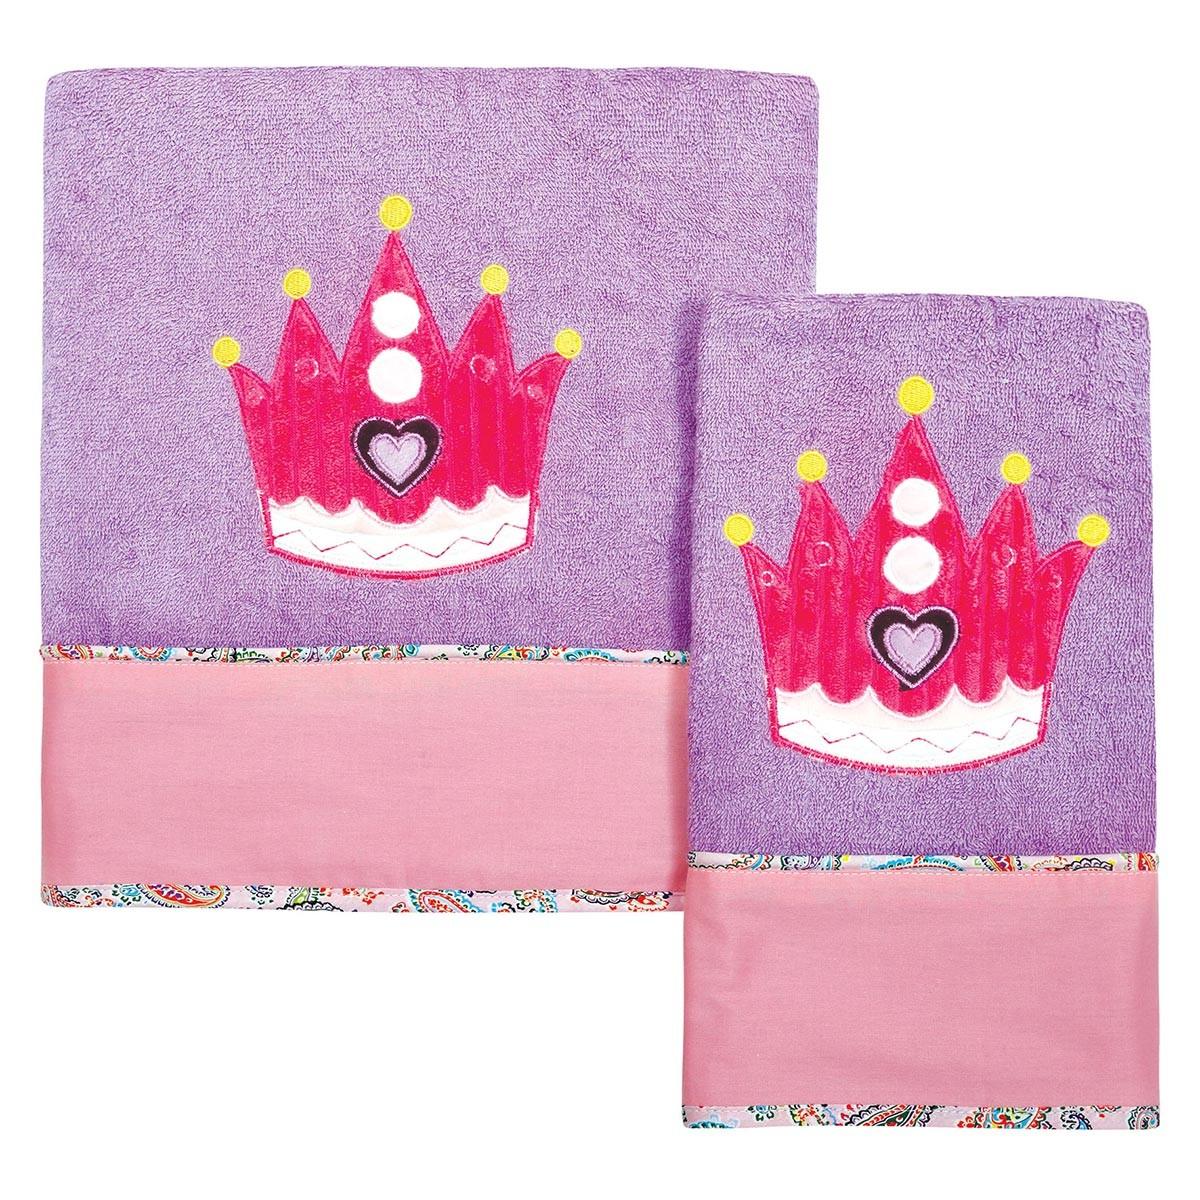 Βρεφικές Πετσέτες (Σετ 2τμχ) Das Home Dream Embroidery 6398